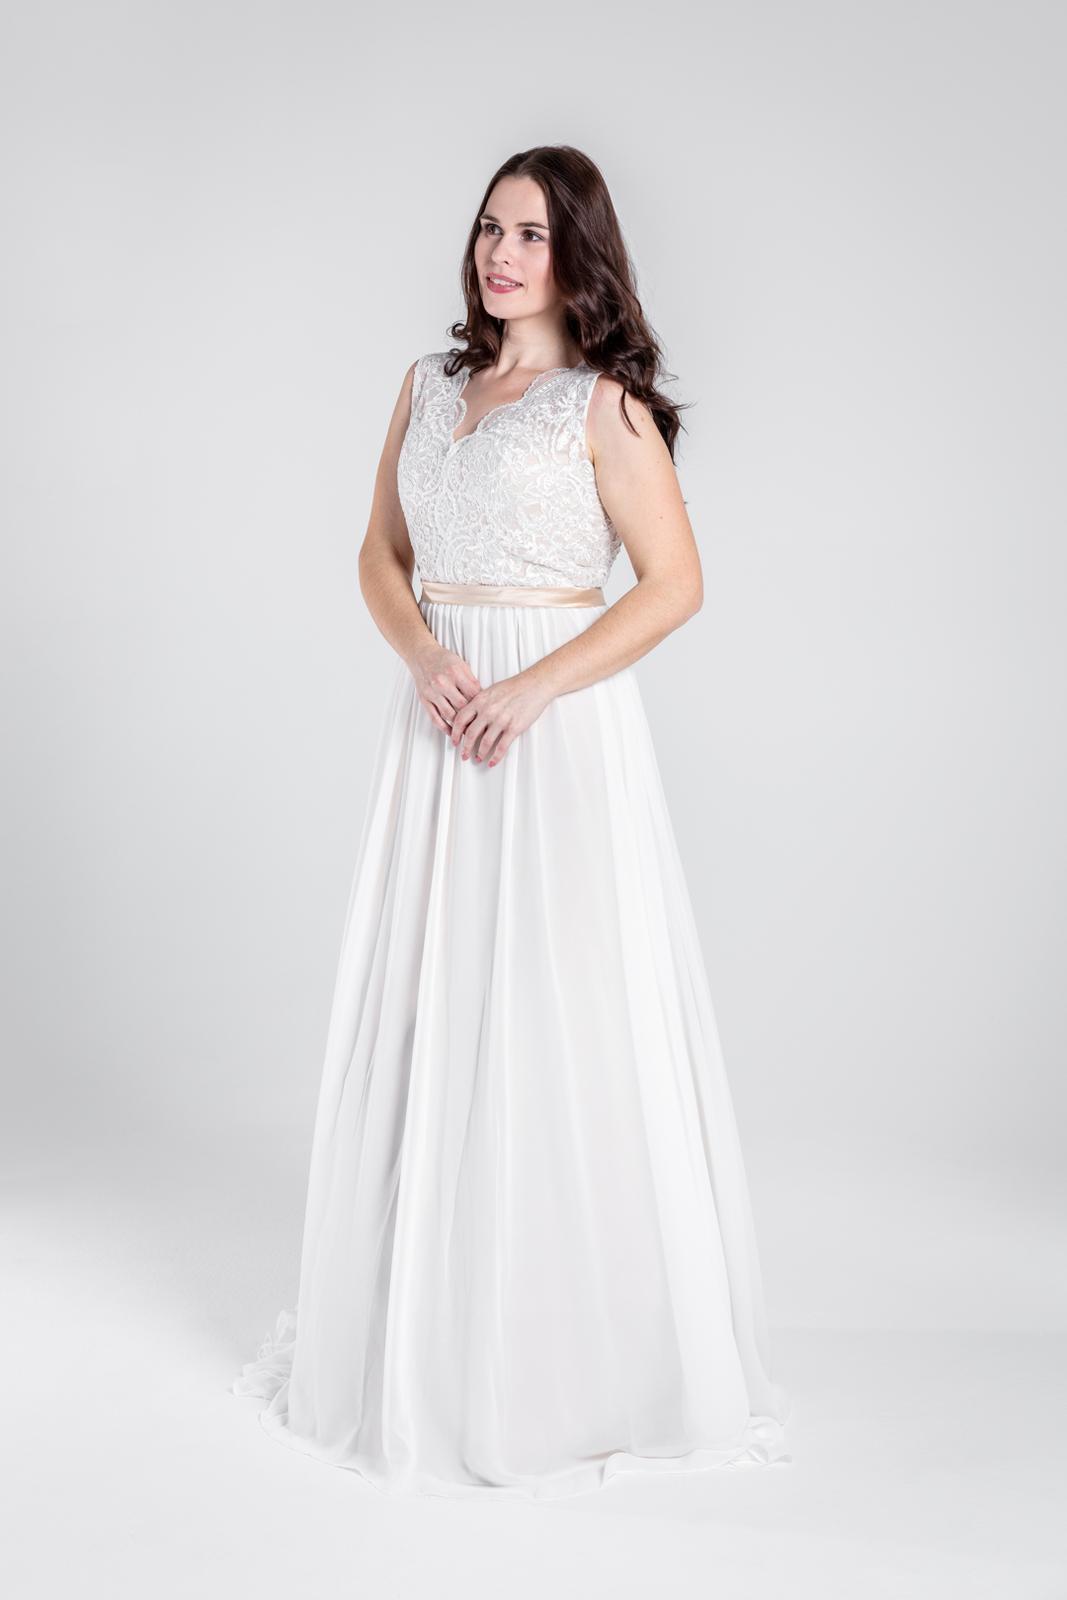 Svatební šaty v boho stylu na šněrování, vel 38-44 - Obrázek č. 2